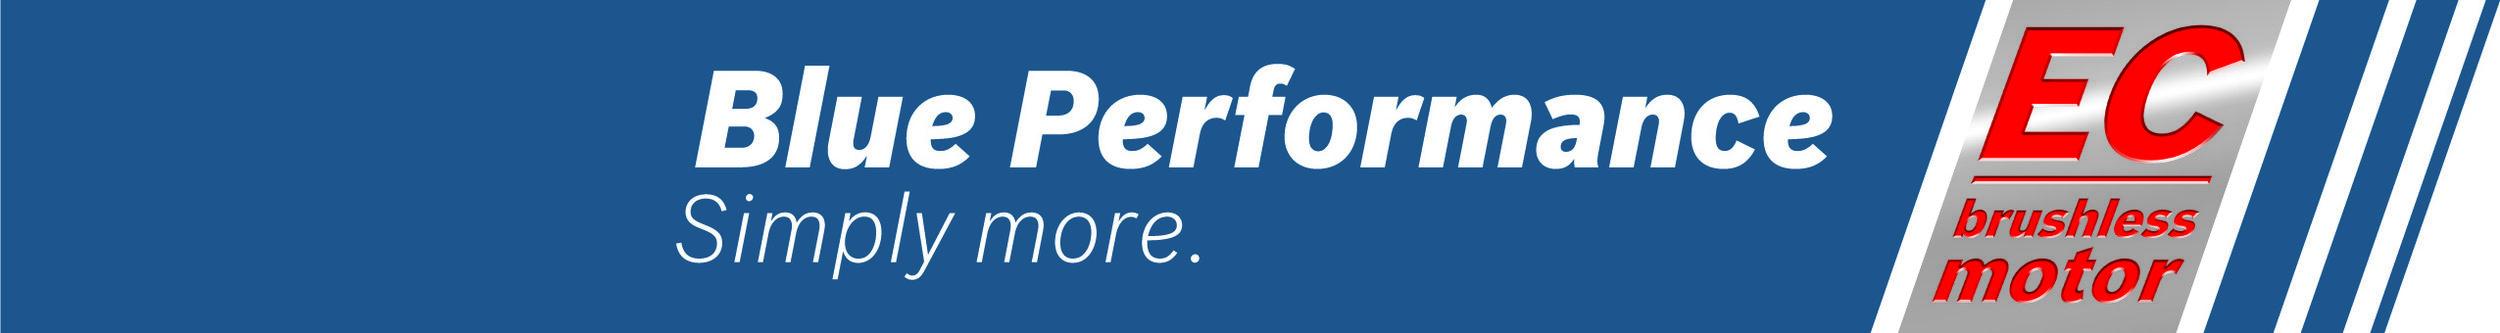 Logo_Blue_Performance_ENG_ECbrushless_transp.jpg